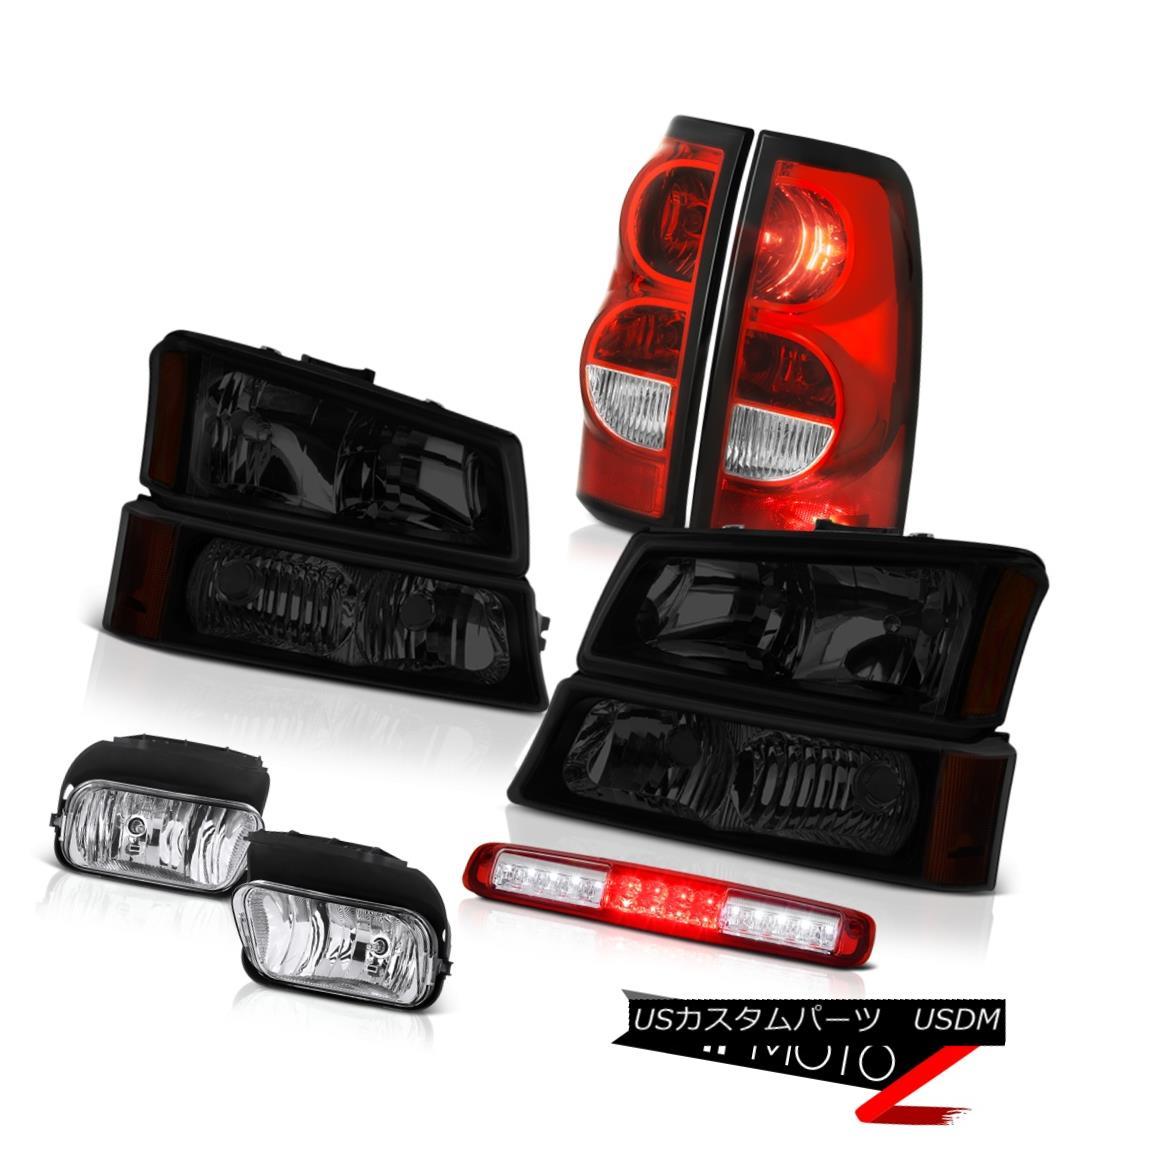 テールライト 03-06 Chevy Silverado Roof Cab Lamp Chrome Foglamps Rear Brake Lamps Headlights 03-06 Chevy Silveradoルーフキャブ・ランプクロームフォグランプリア・ブレーキ・ランプヘッドライト